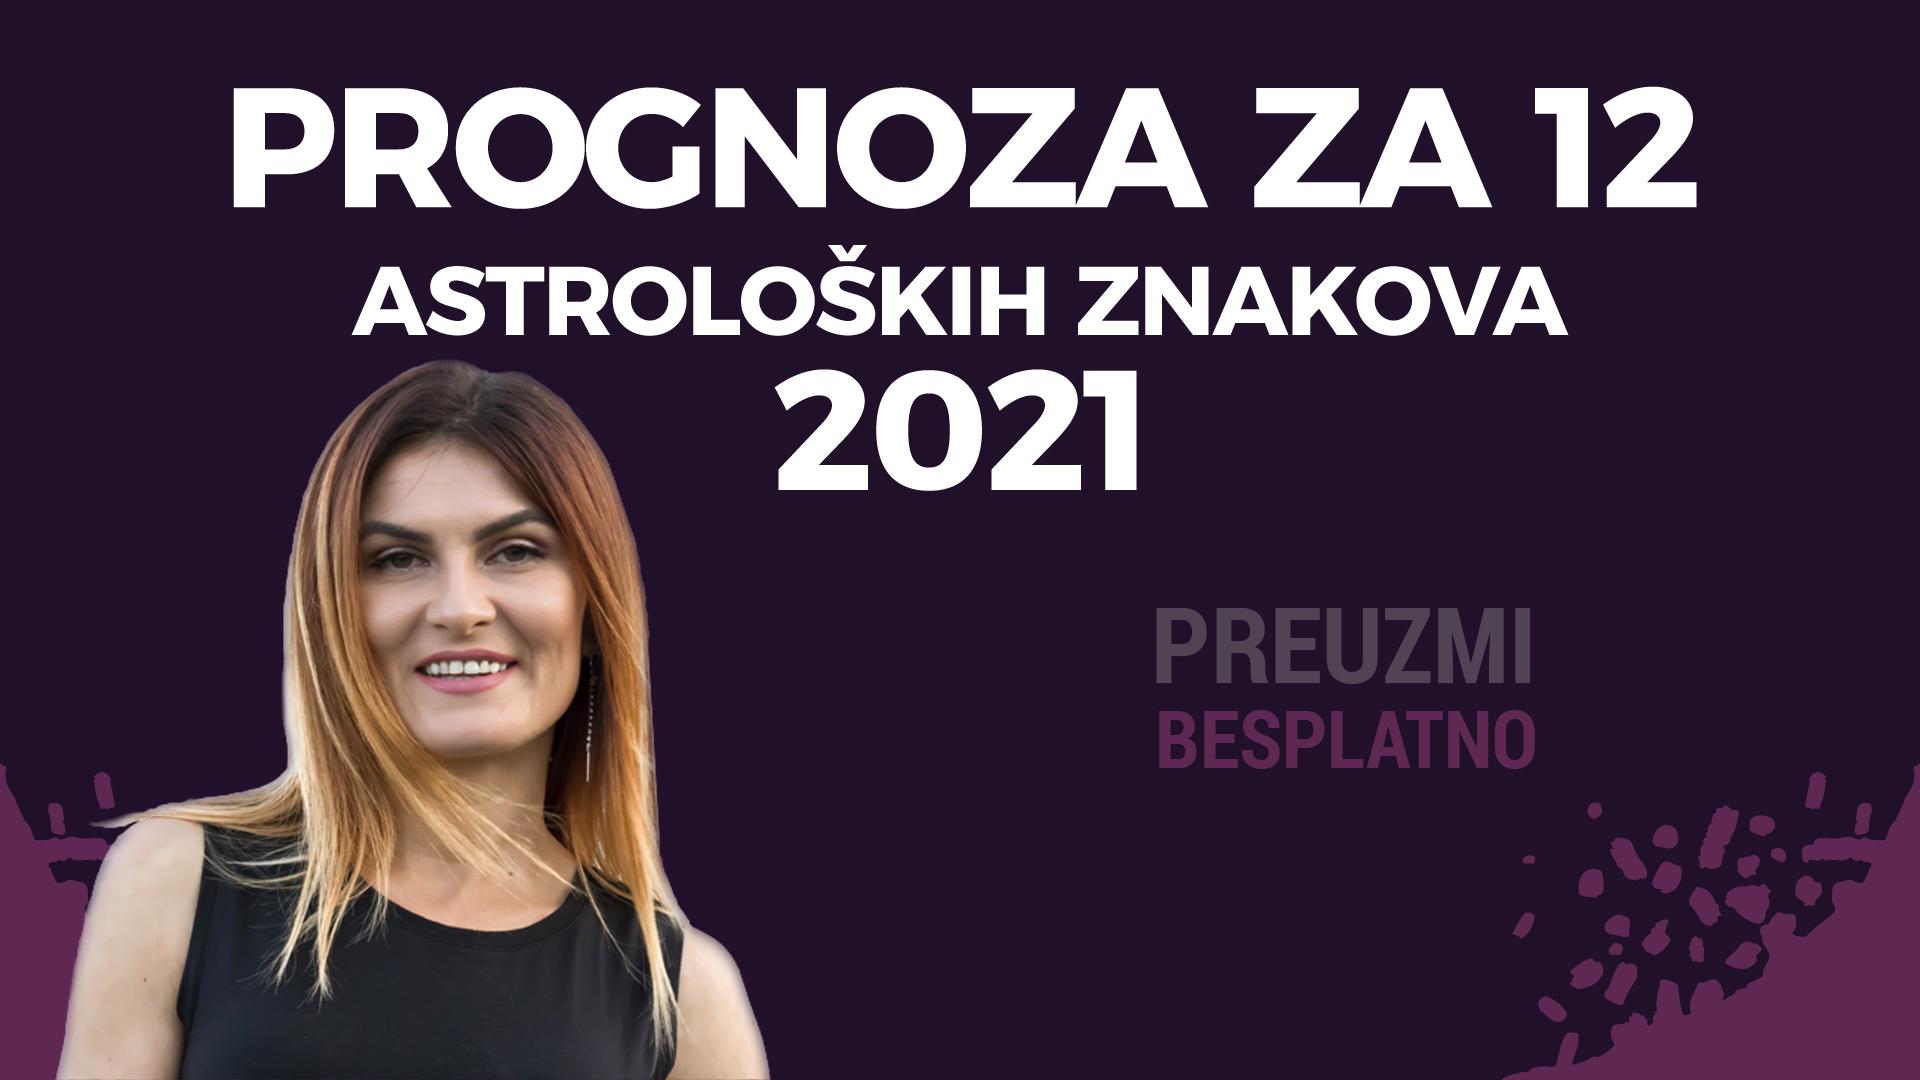 Prognoza za 12 znakova 2021